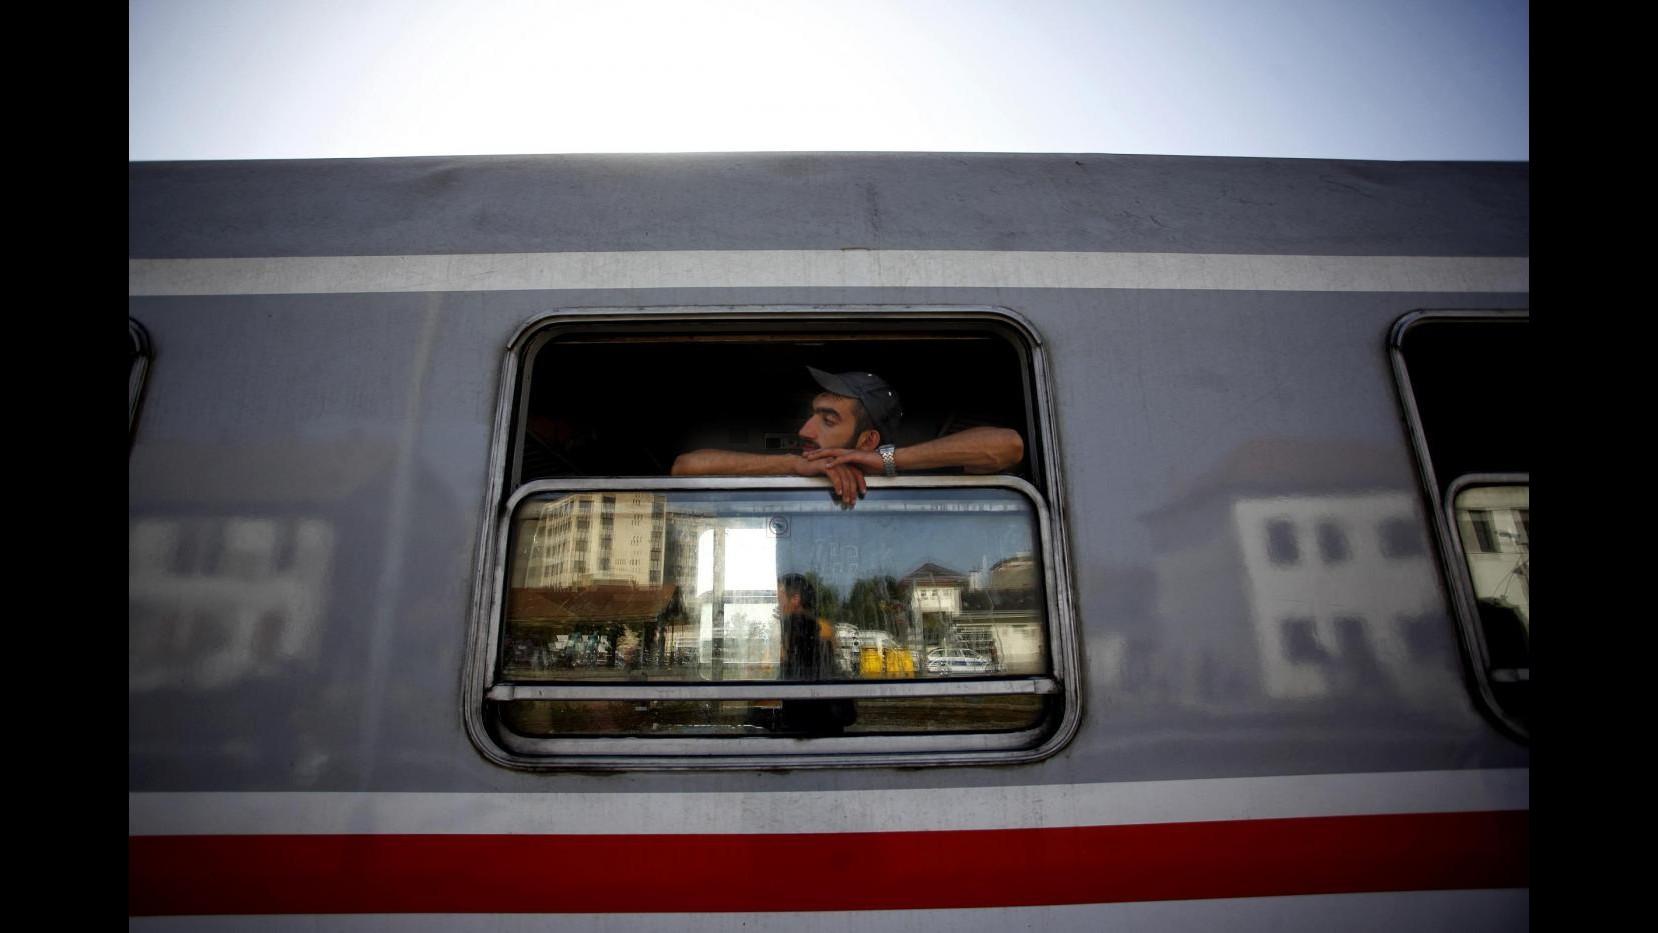 Migranti, Unhcr: 218mila arrivi a ottobre in Mediterraneo, è record